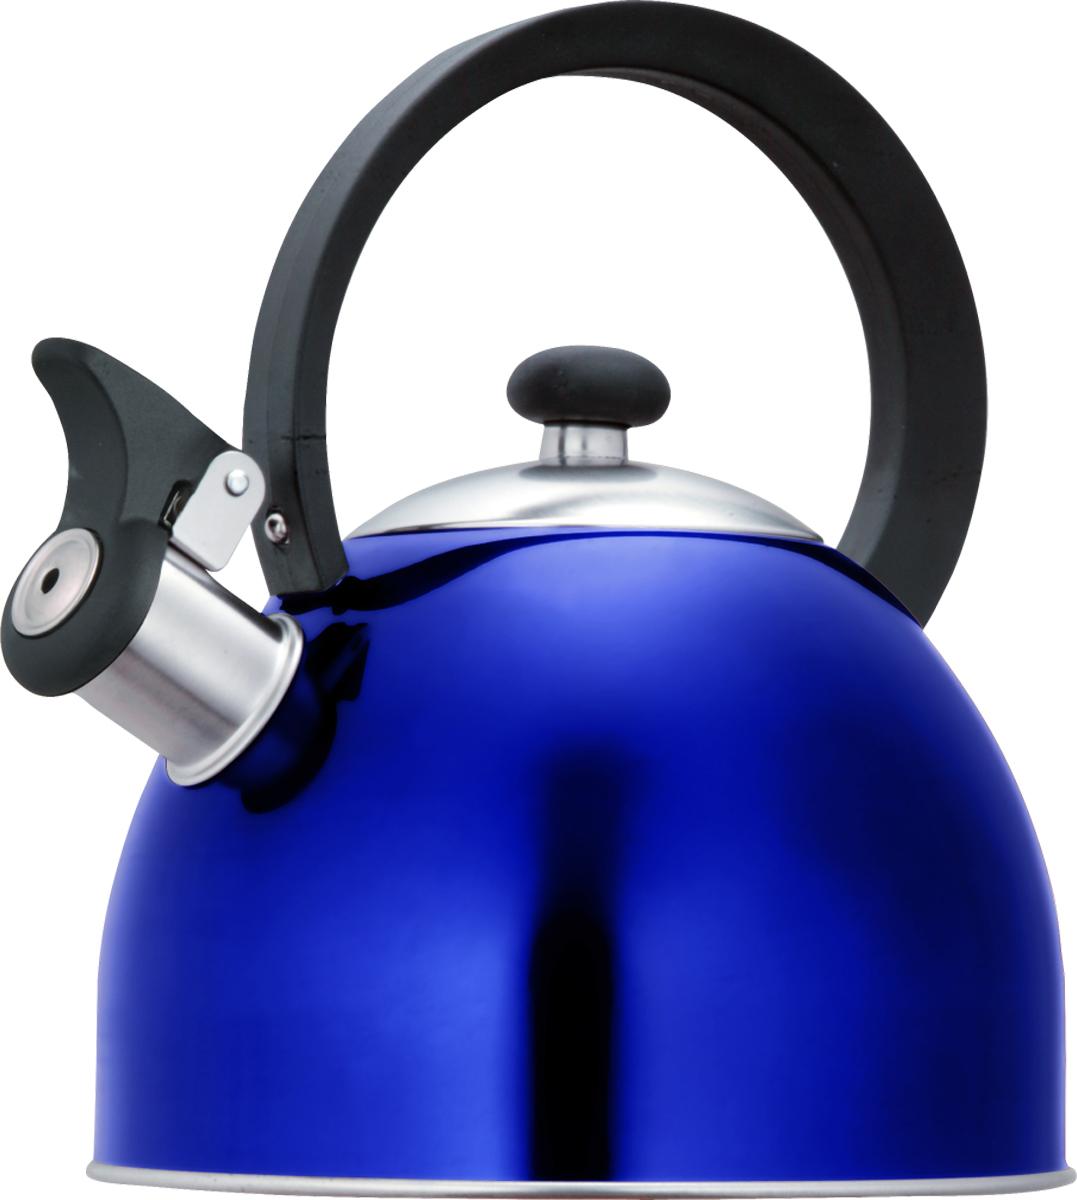 Чайник со свистком Lumme, цвет: синий, 1,8 л. LU-256LU-256 синийцветной со свистком 1,8л нержавеющая сталь, фиксированная ручка